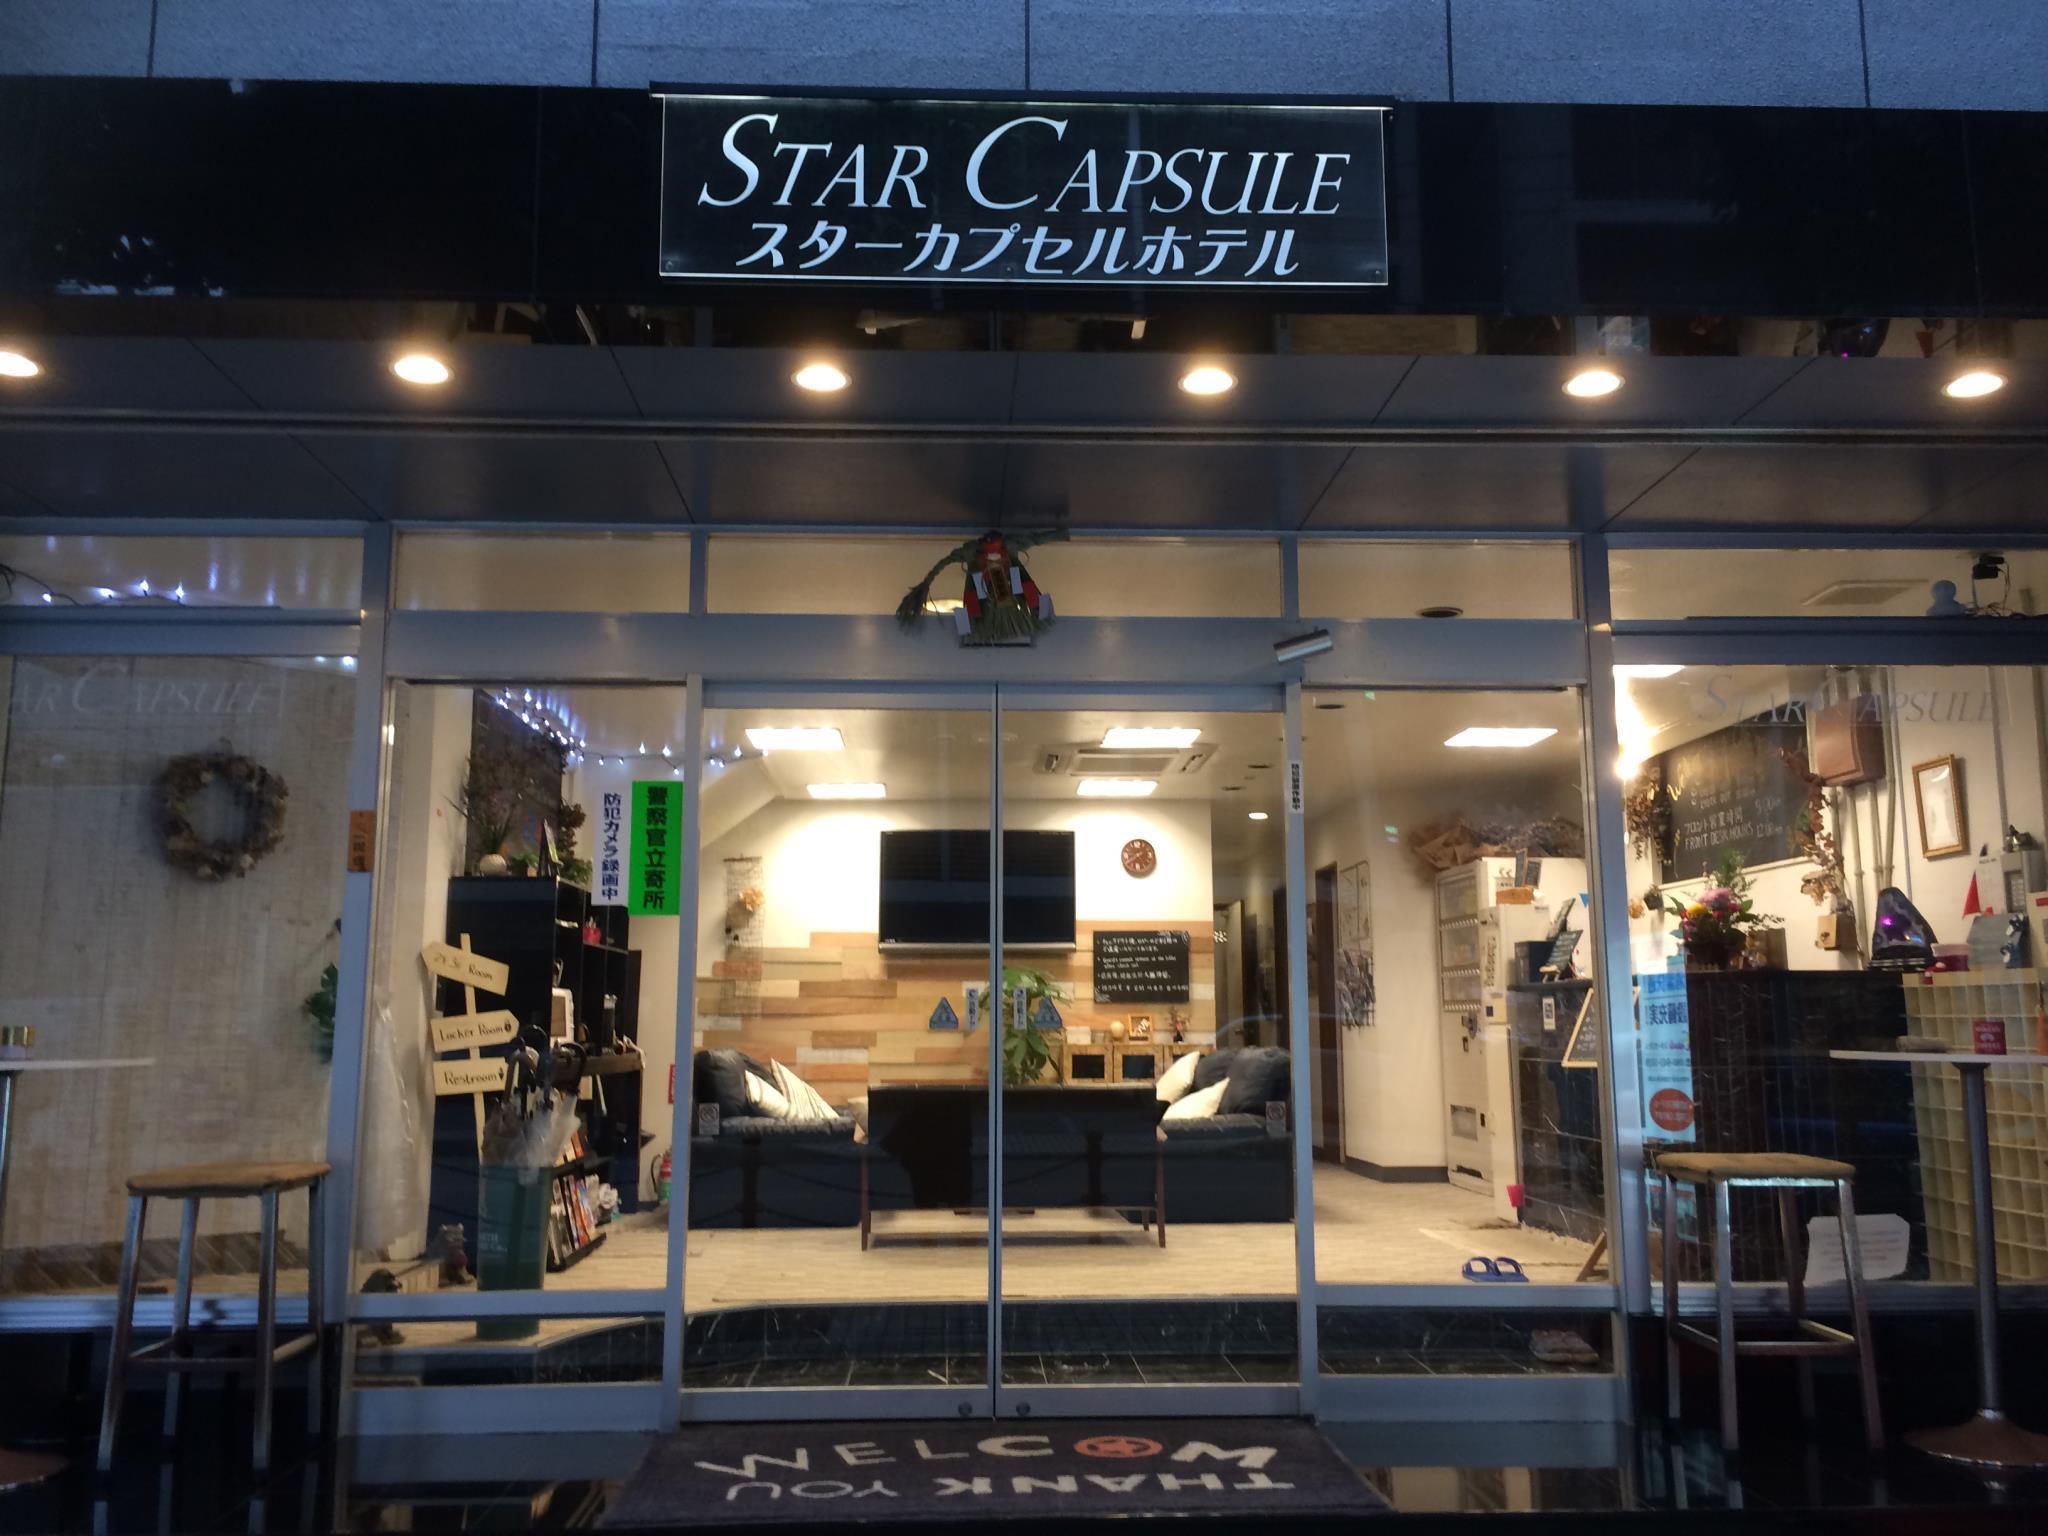 Star Capsule